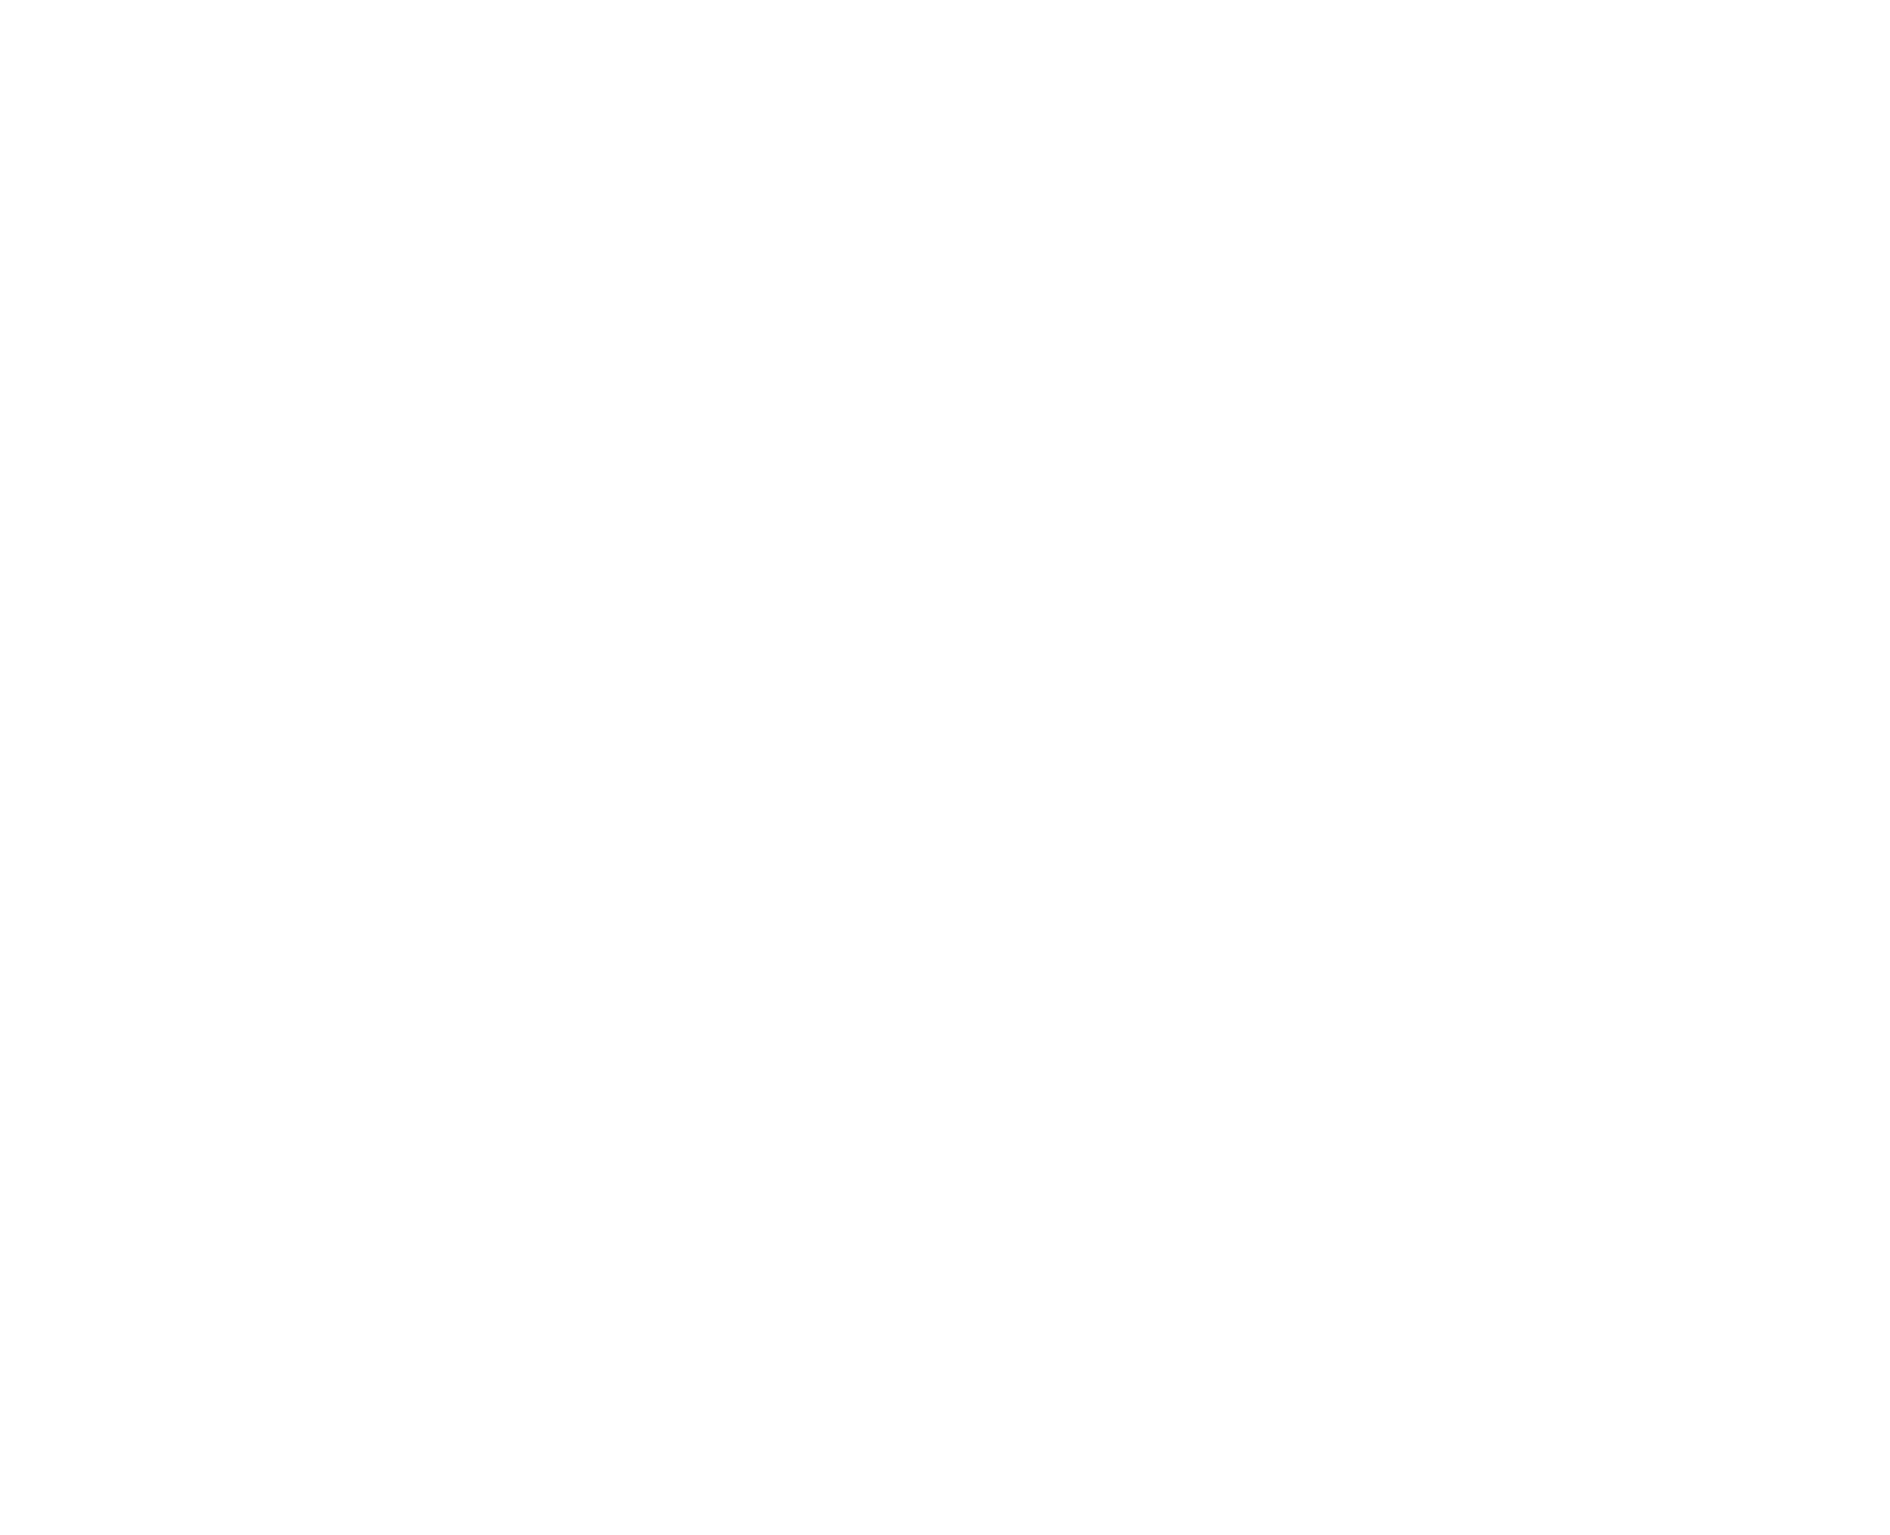 ZONAMAIS Imobiliária